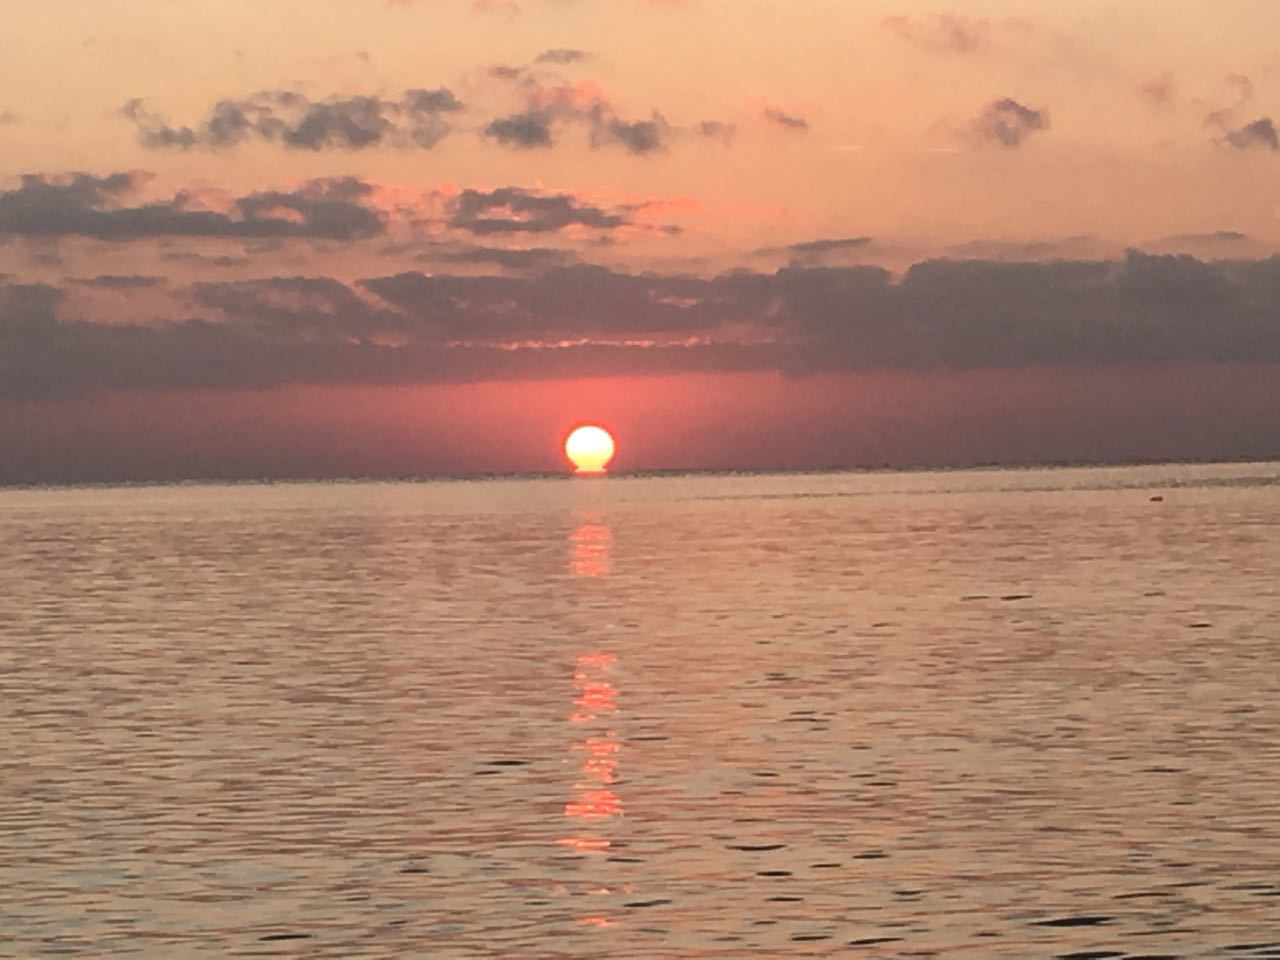 2018.11.11「ツールド沖縄」_c0197974_00460806.jpg